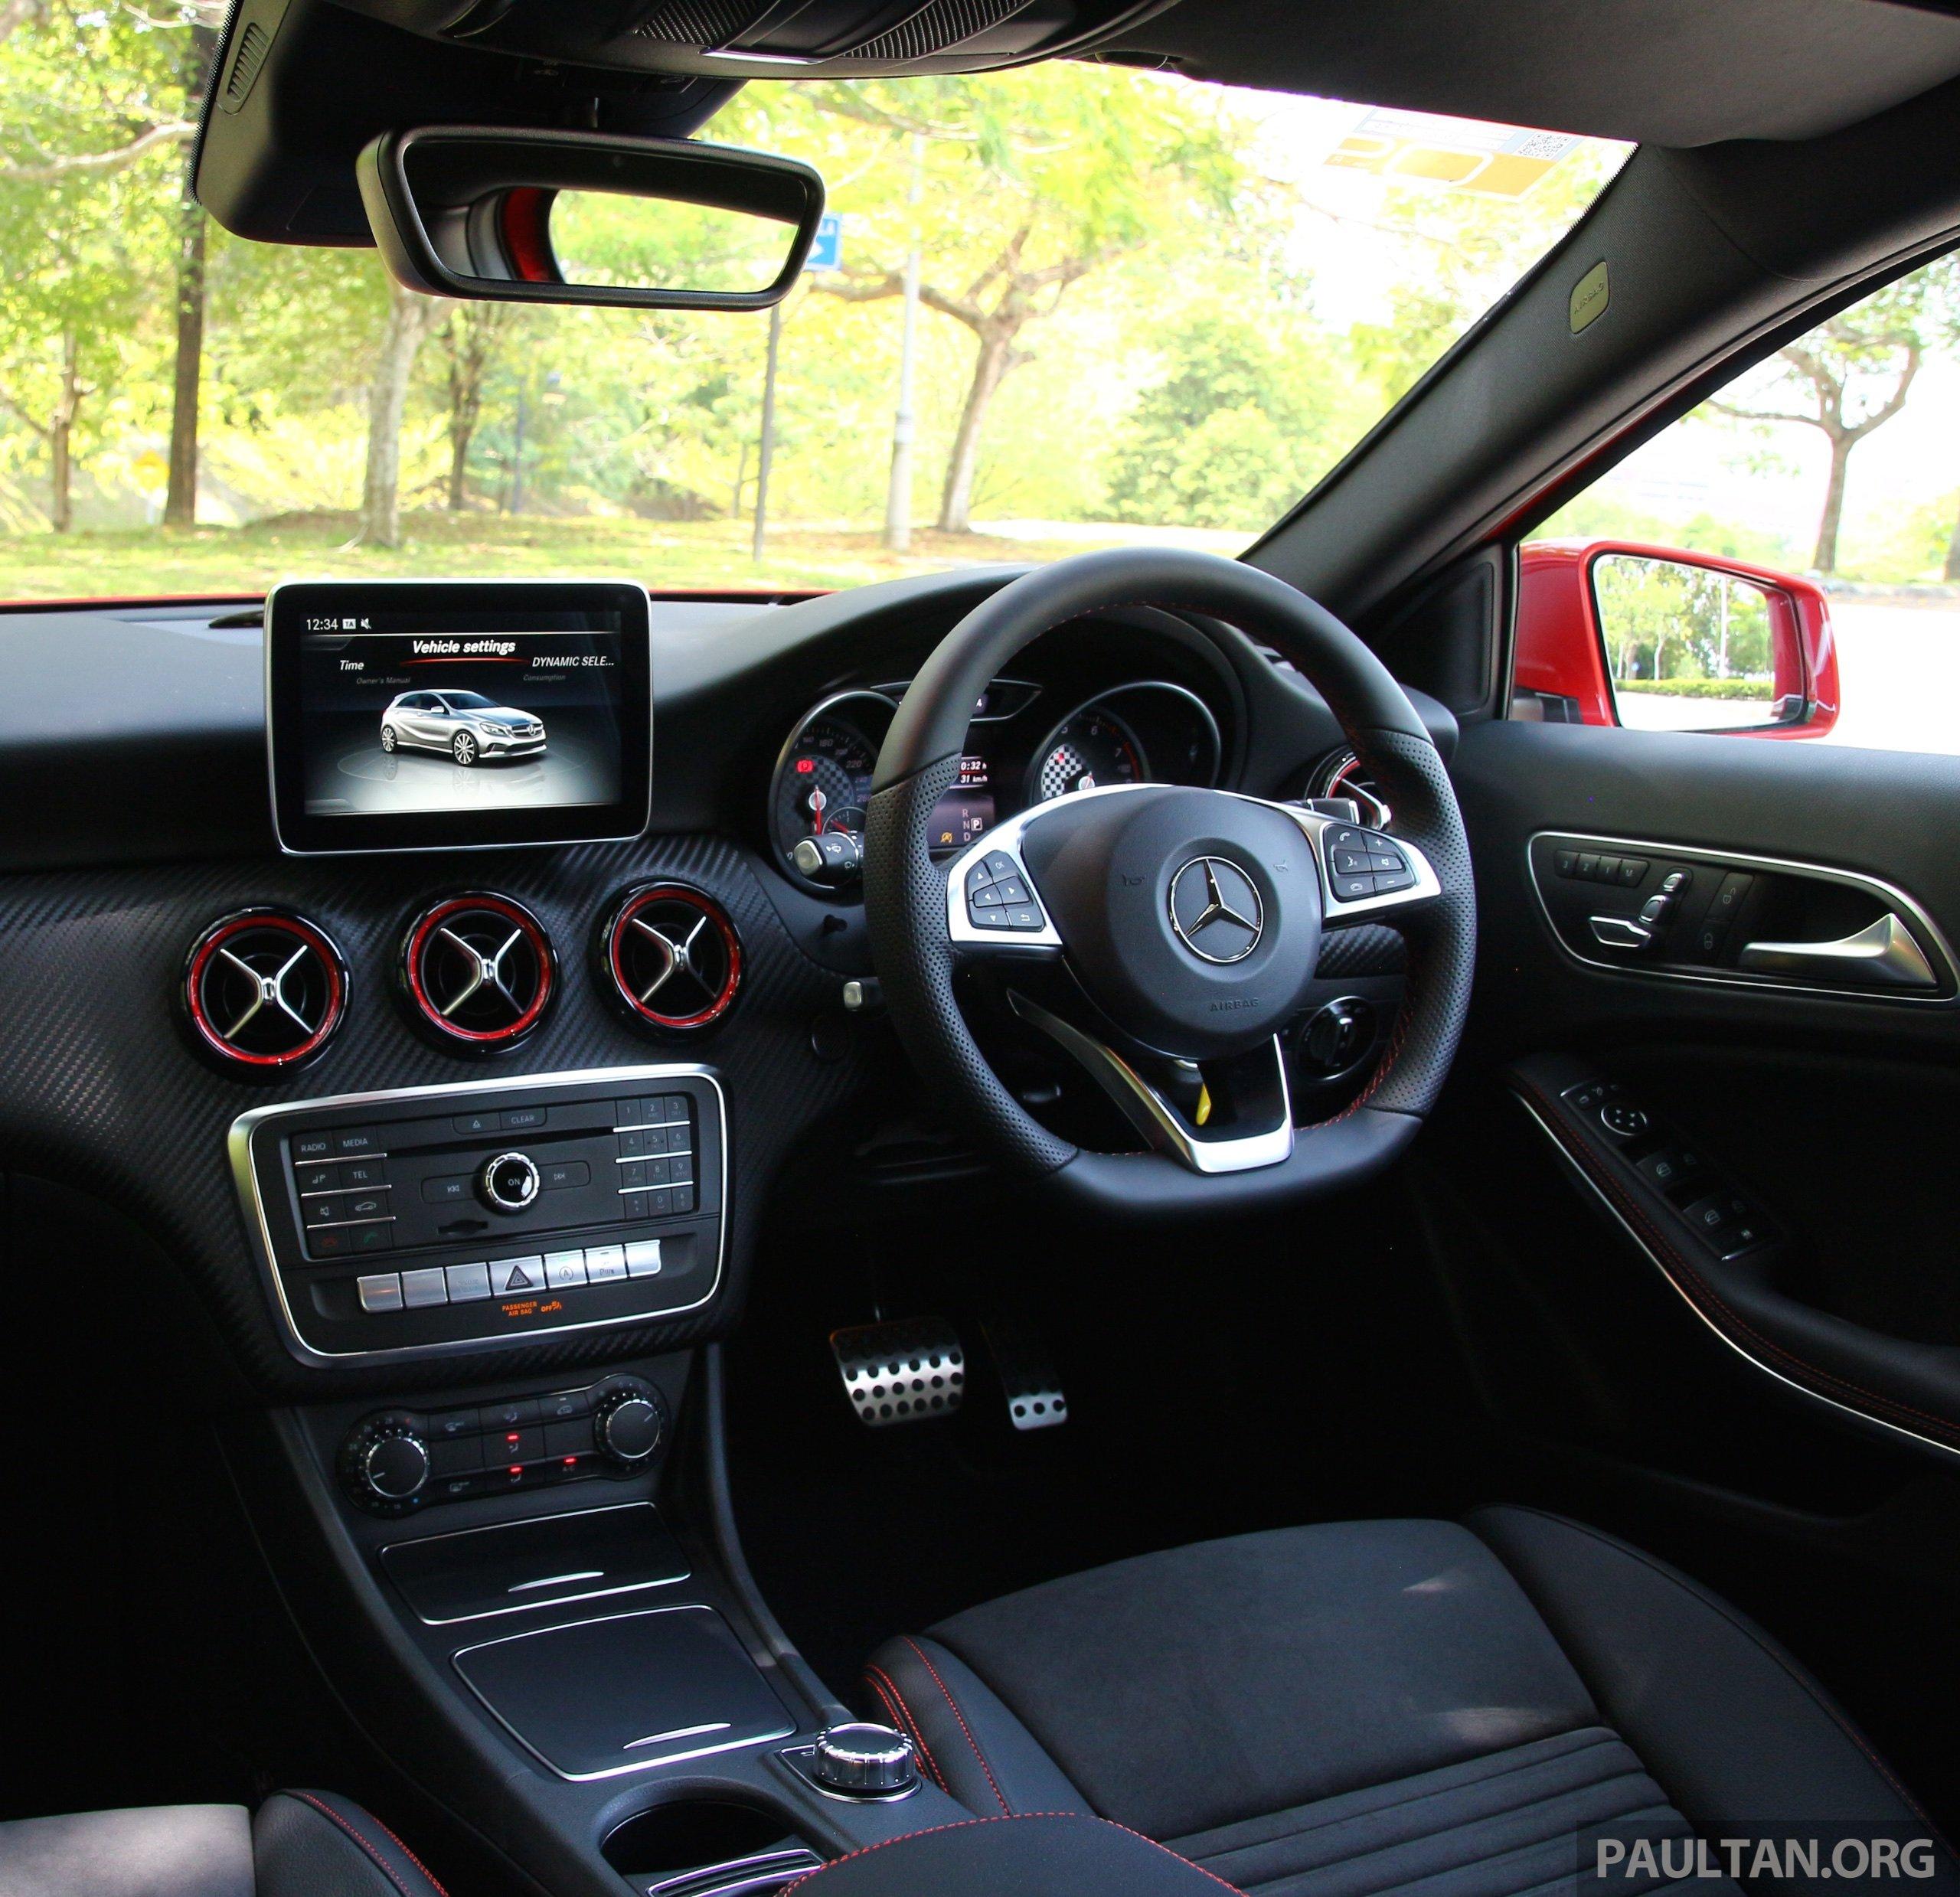 Mercedes A250 Sport: DRIVEN: Mercedes-Benz A250 Sport Facelift In M'sia Paul